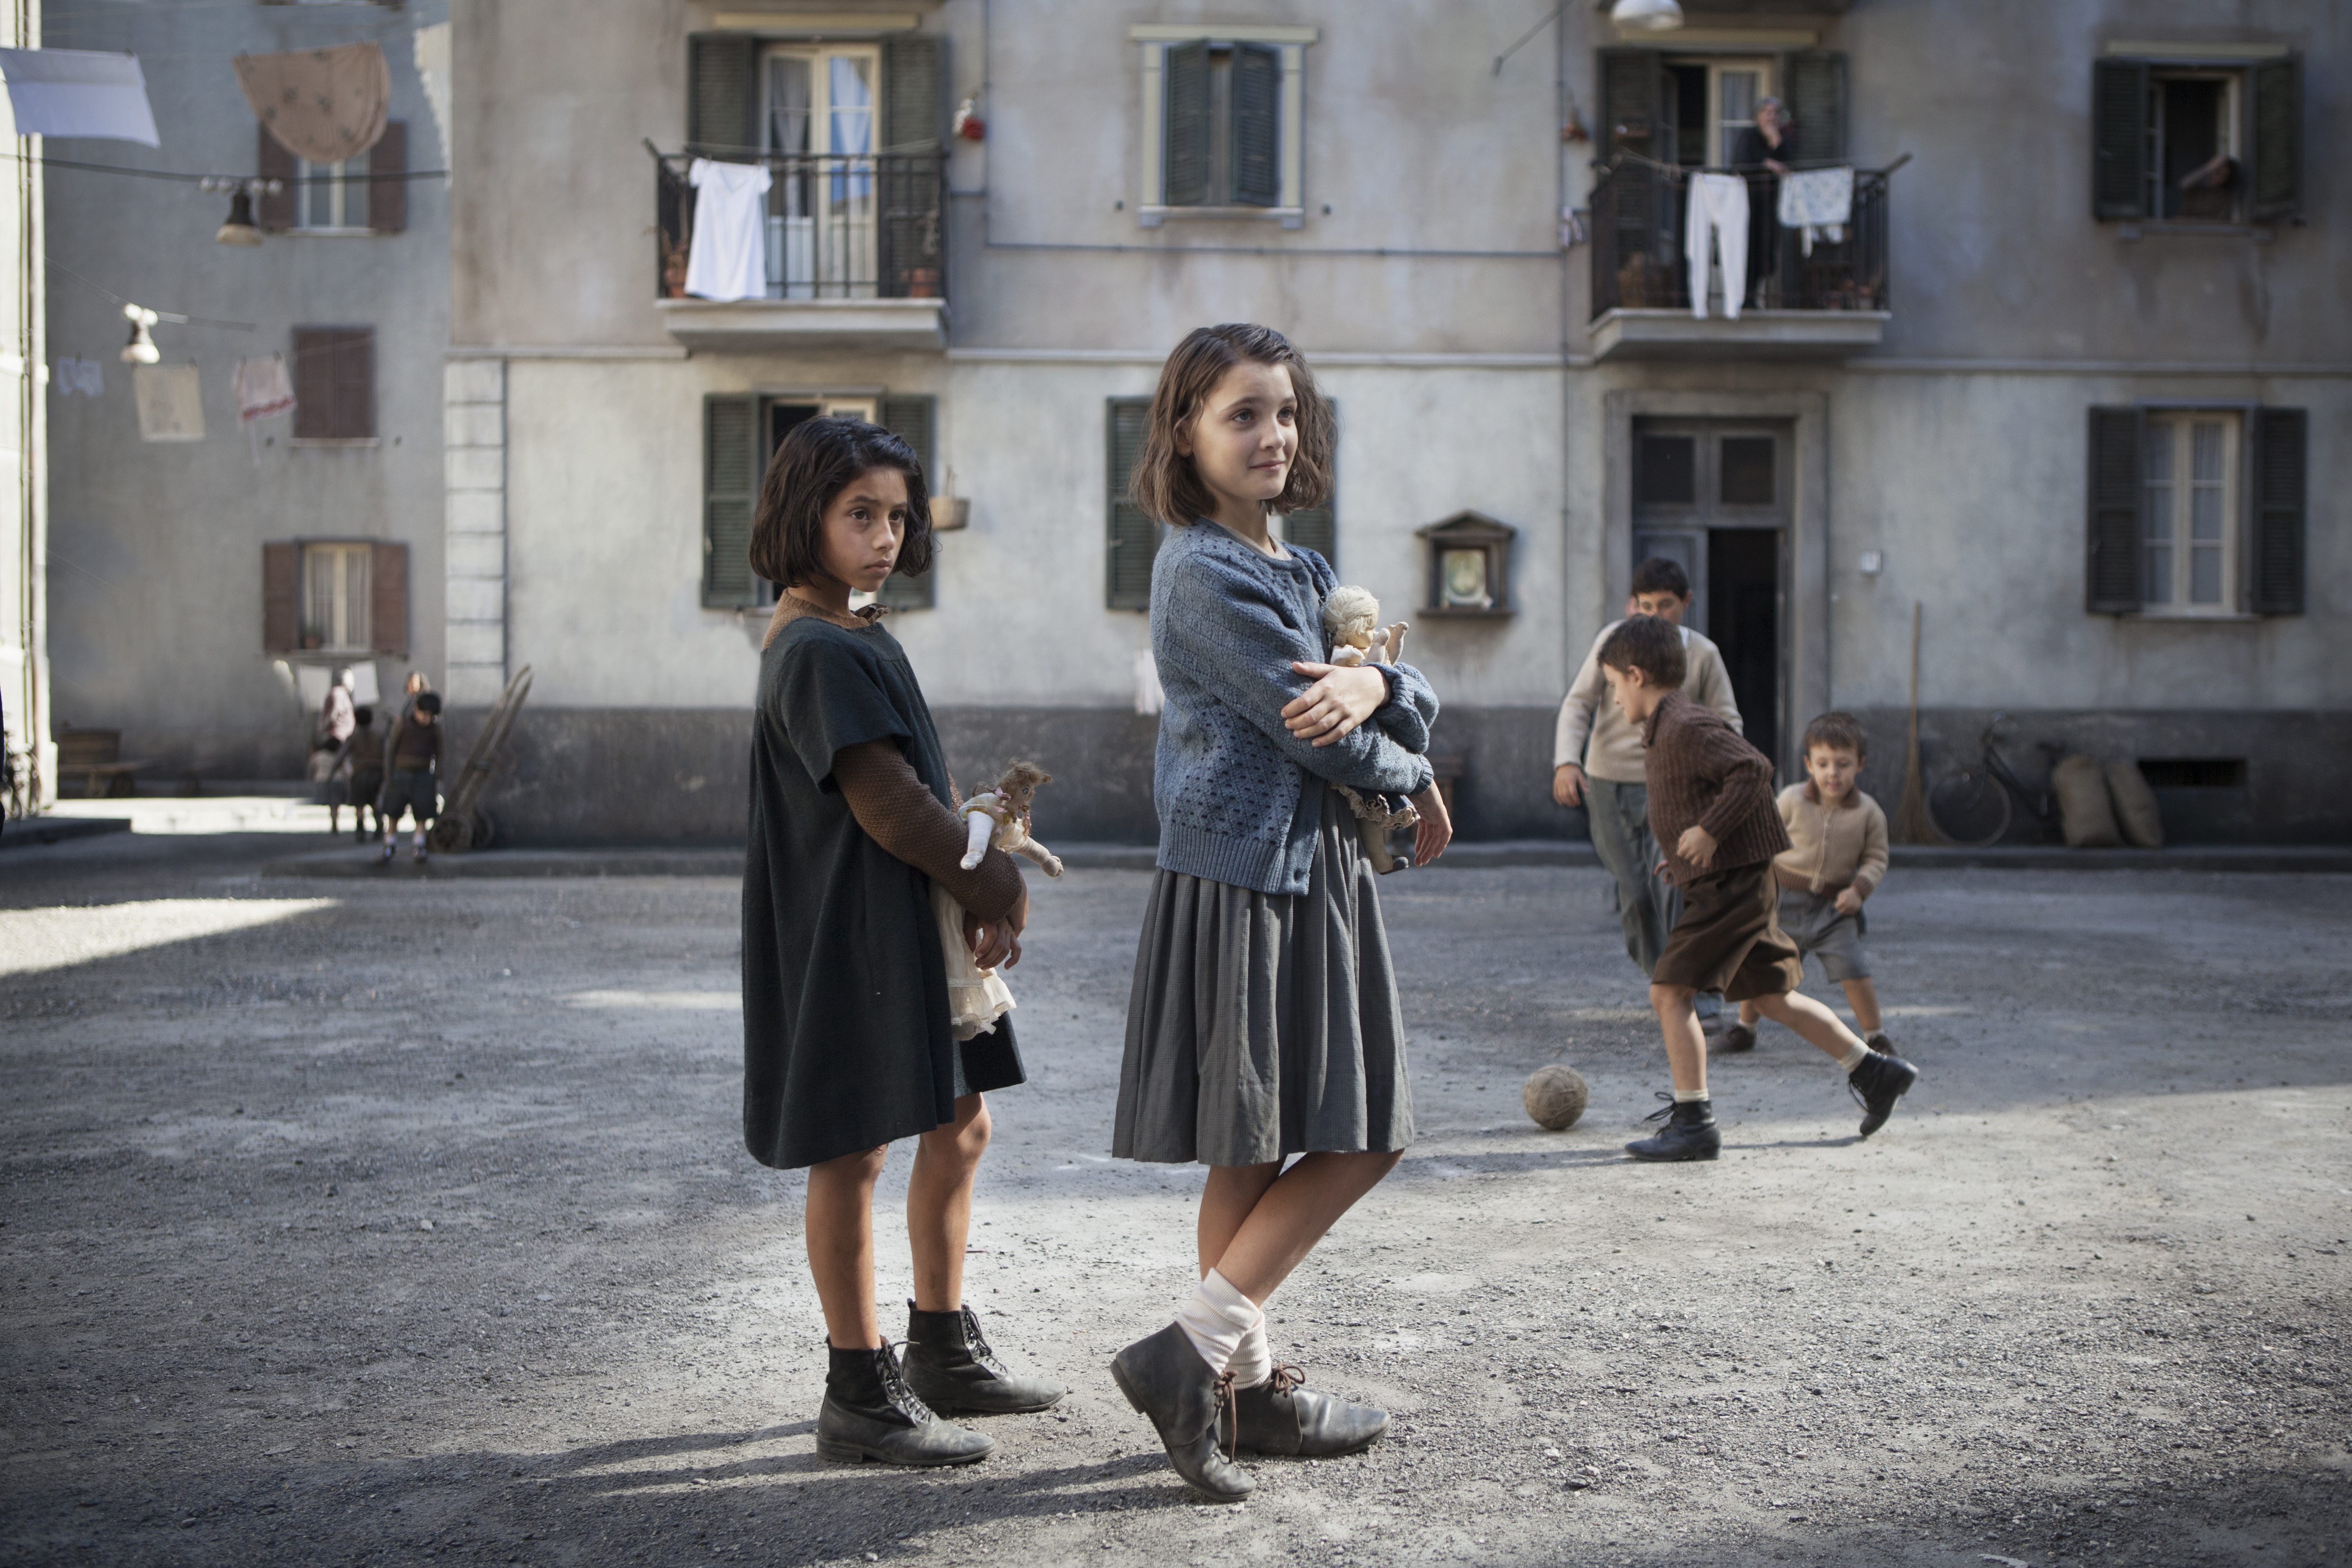 Eduardo Castaldo—HBO